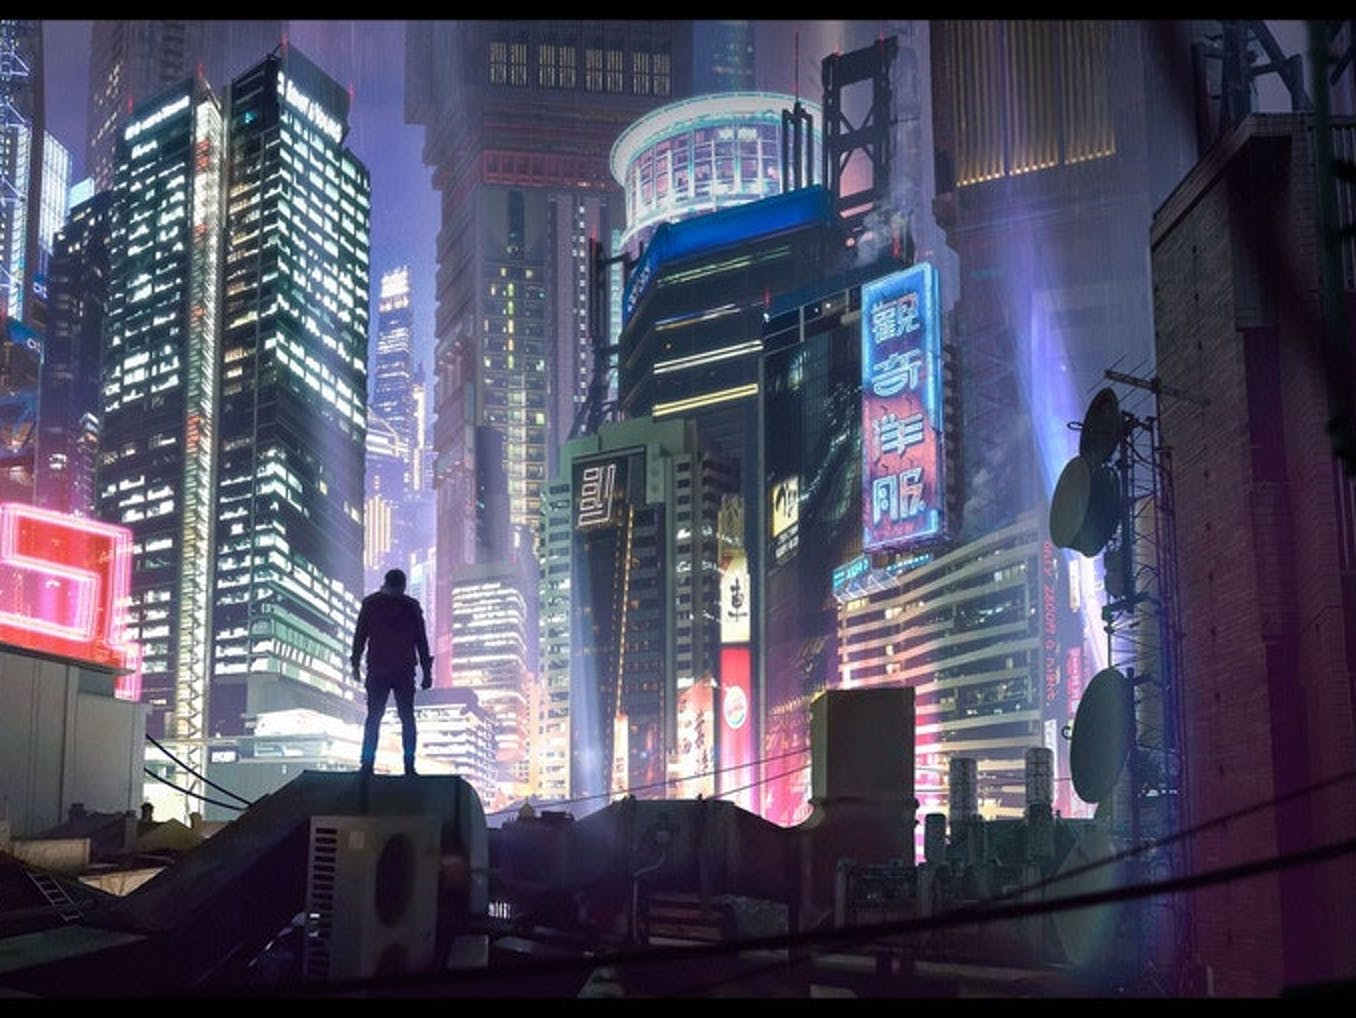 Cyberpunk, city